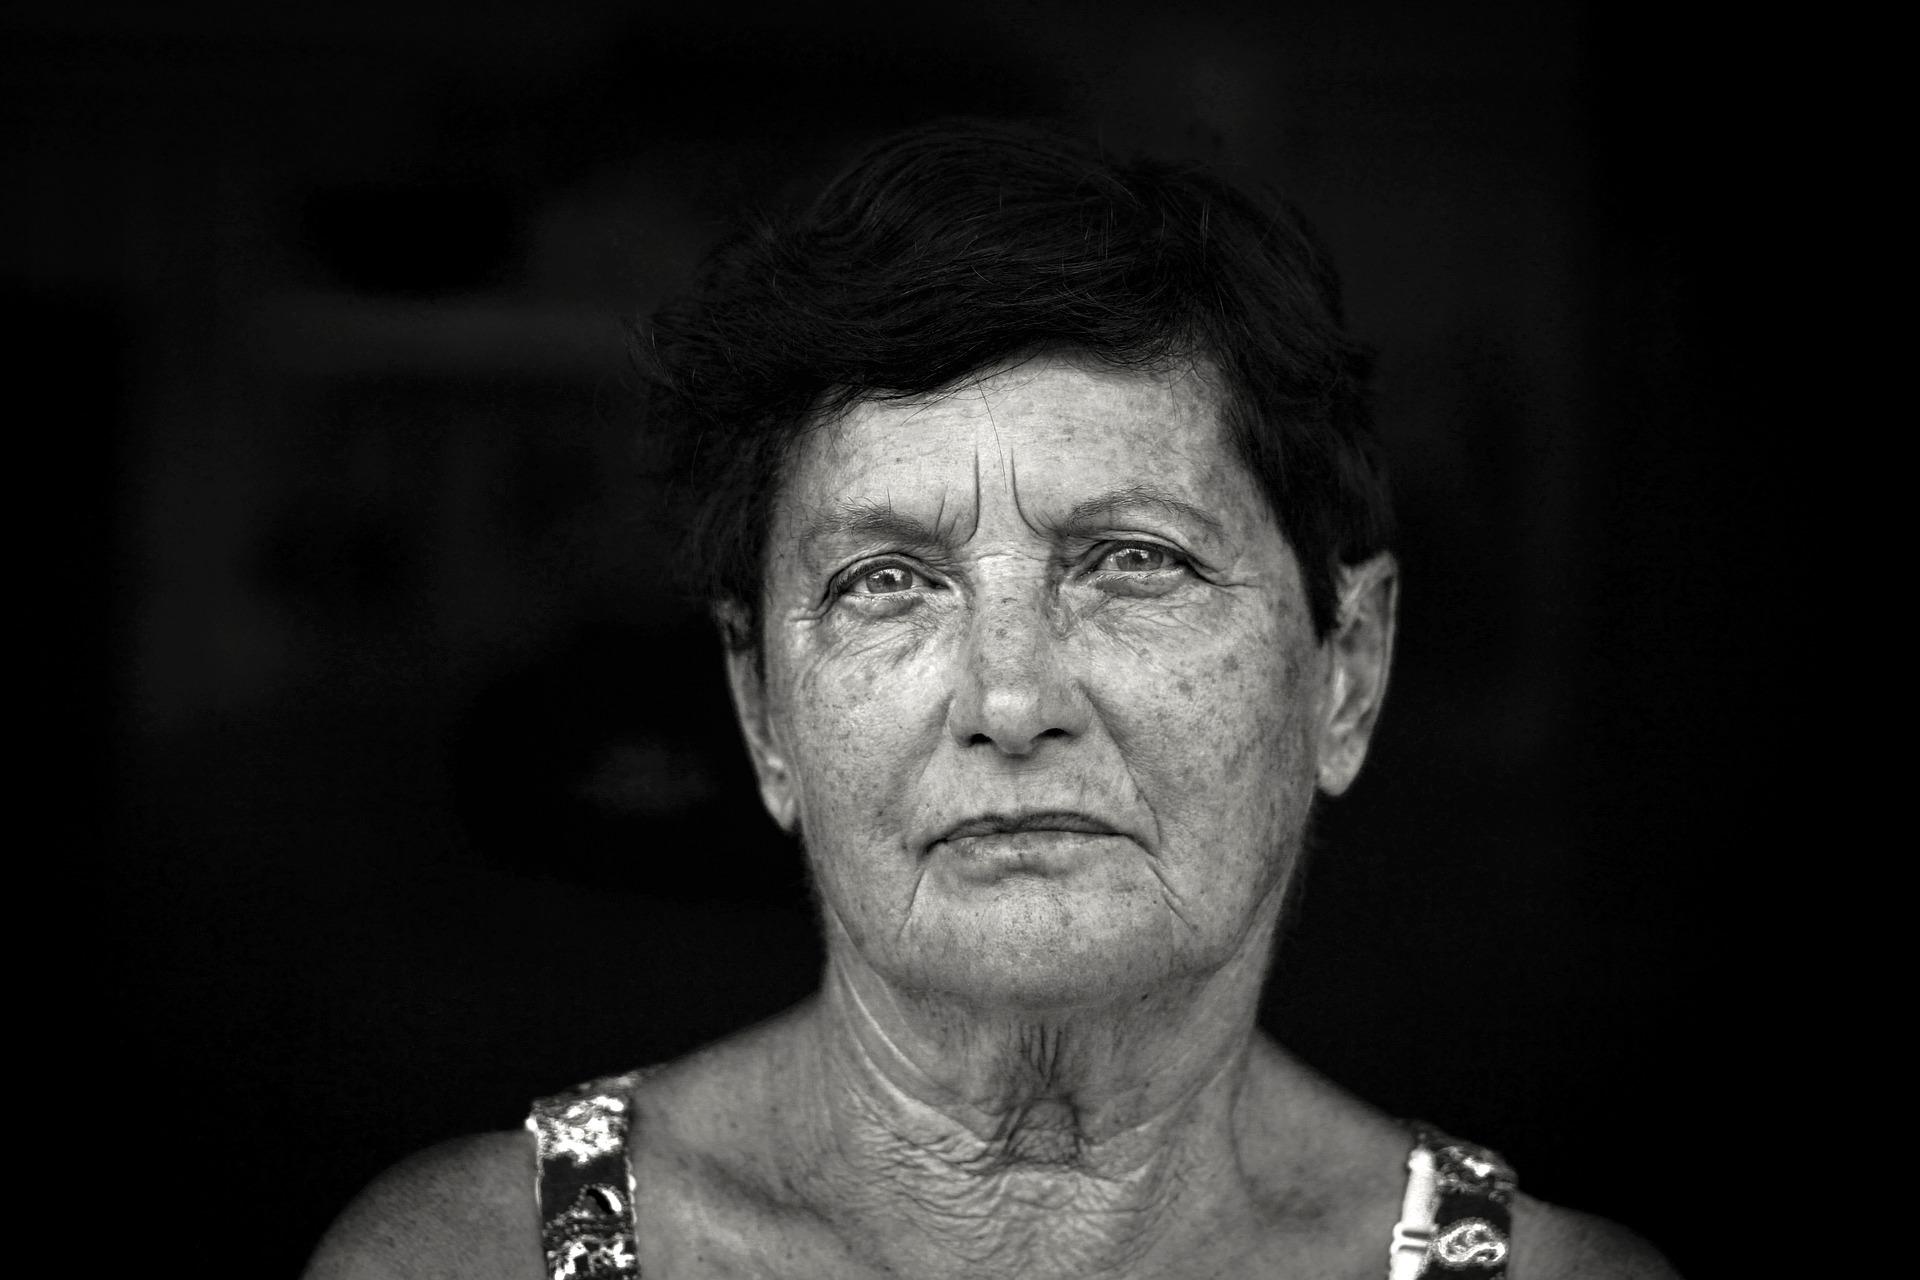 Kvinde portræt i sort og hvid